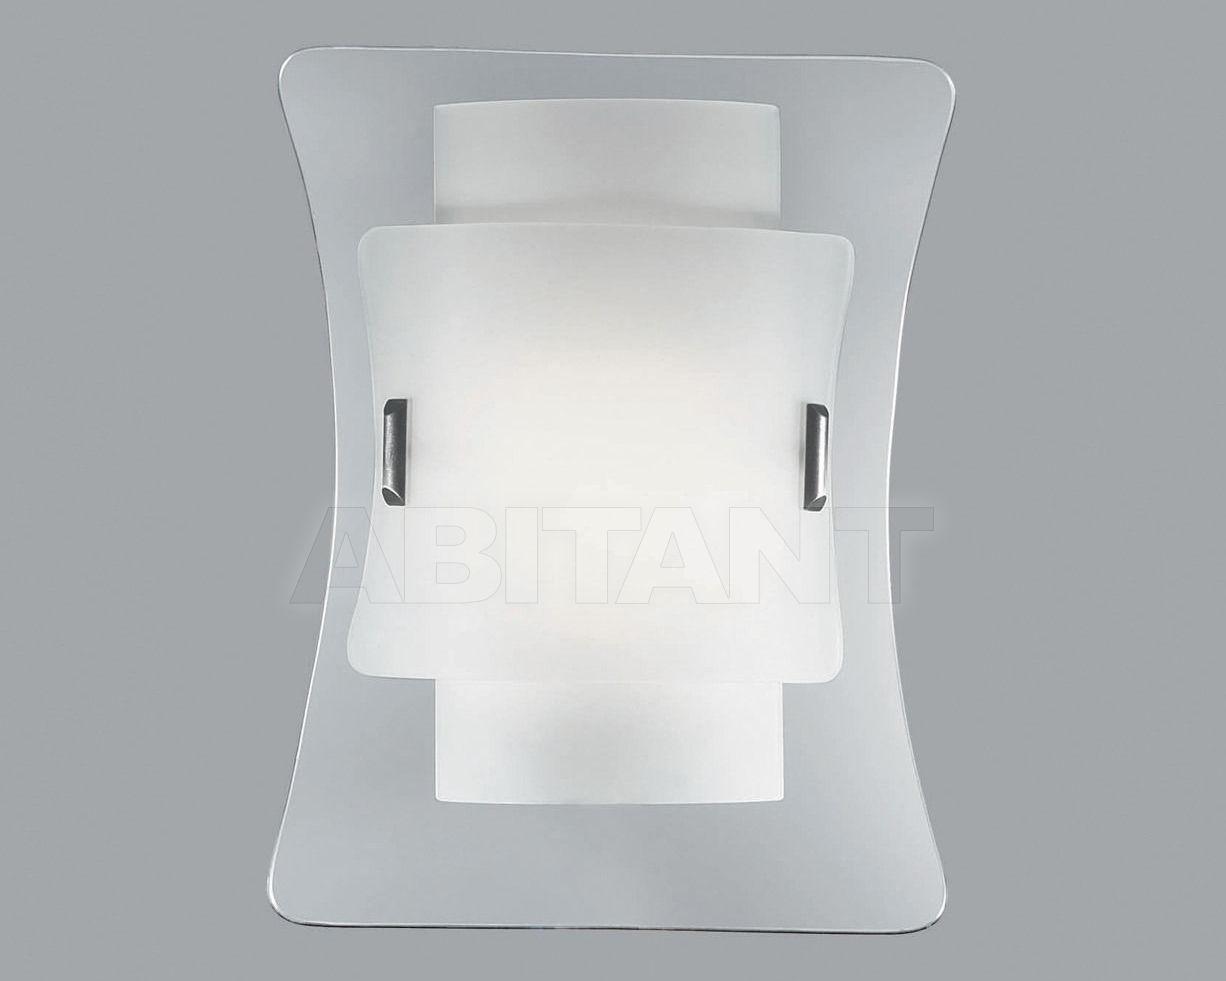 Купить Светильник настенный Ideal Lux 2013-2014 TRIPLO AP1